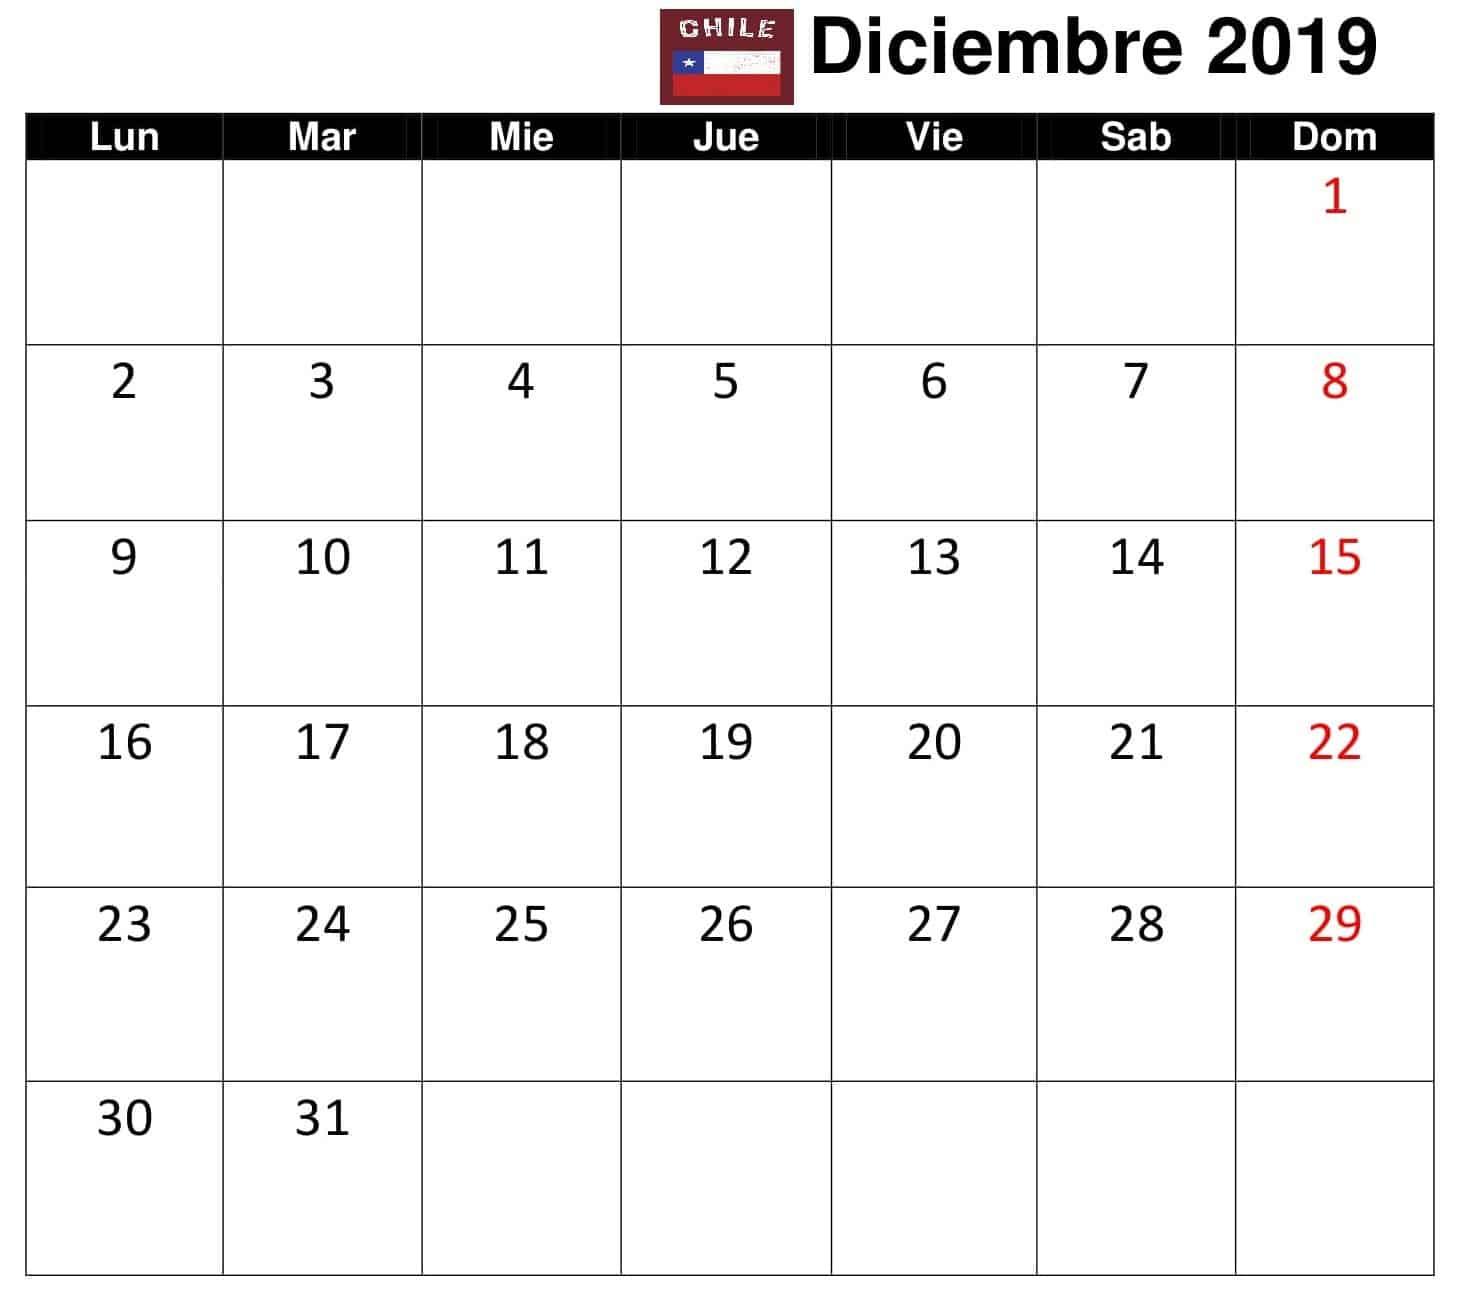 Calendario Diciembre 2019 Con Festivos